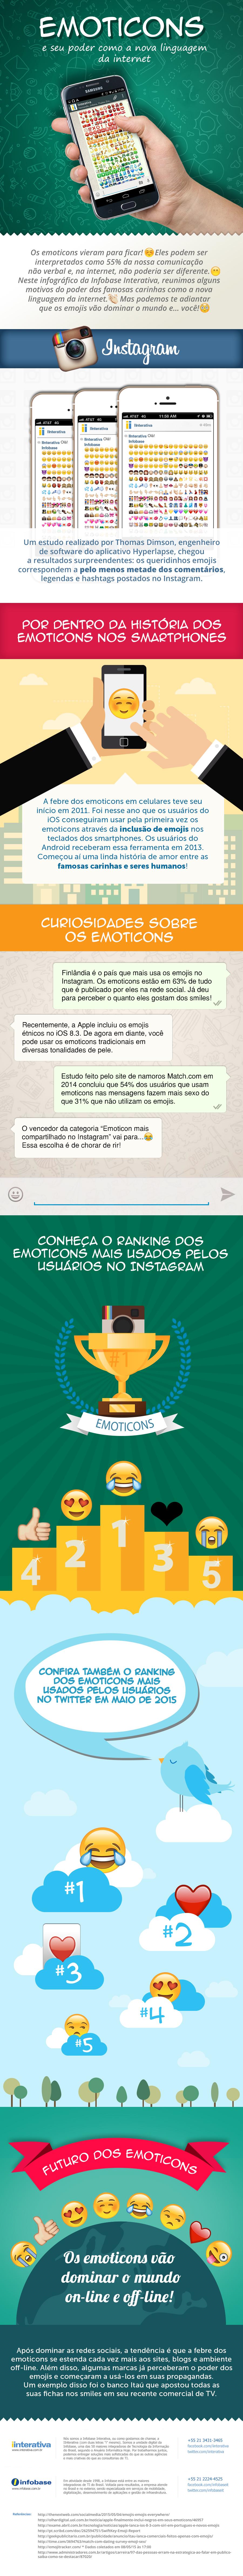 Emoticons e seu poder como a nova linguagem da internet